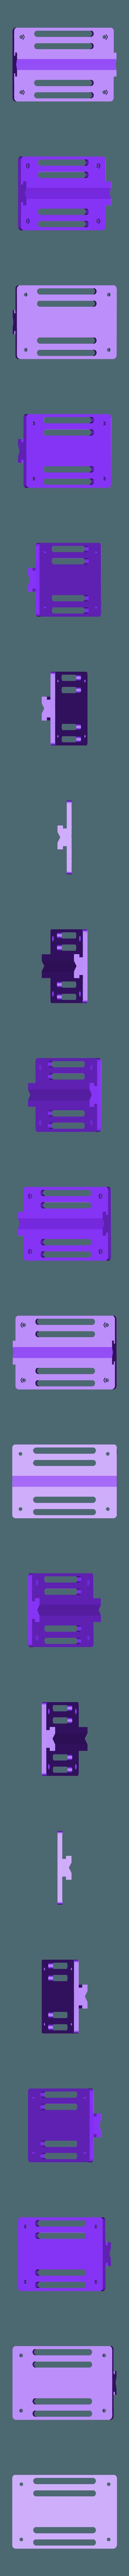 Base_v6.stl Télécharger fichier STL gratuit Porte-bobine à centre ajustable • Design pour imprimante 3D, jonbourg